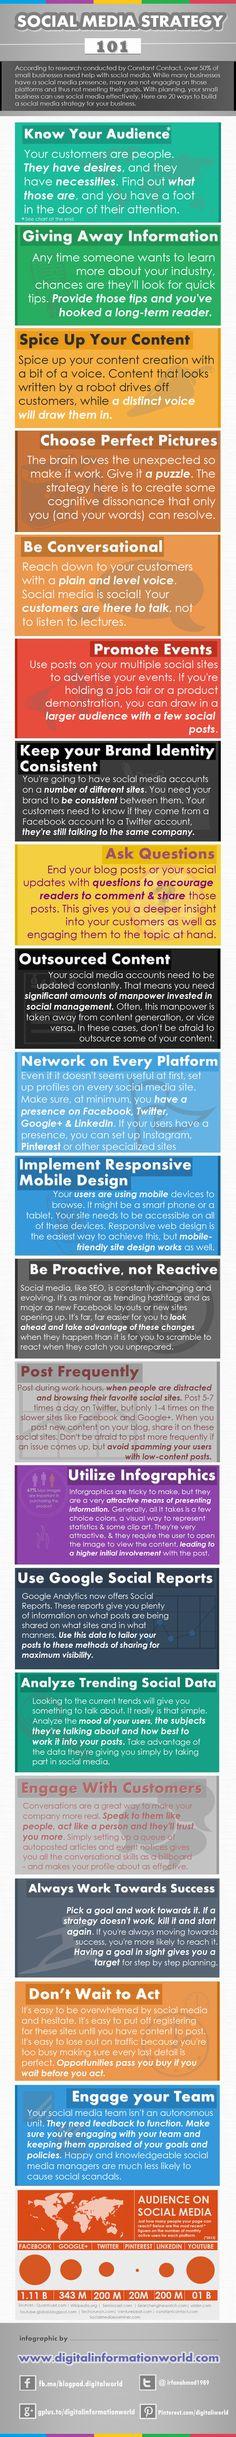 20 consigli per la vostra #socialmedia #strategy